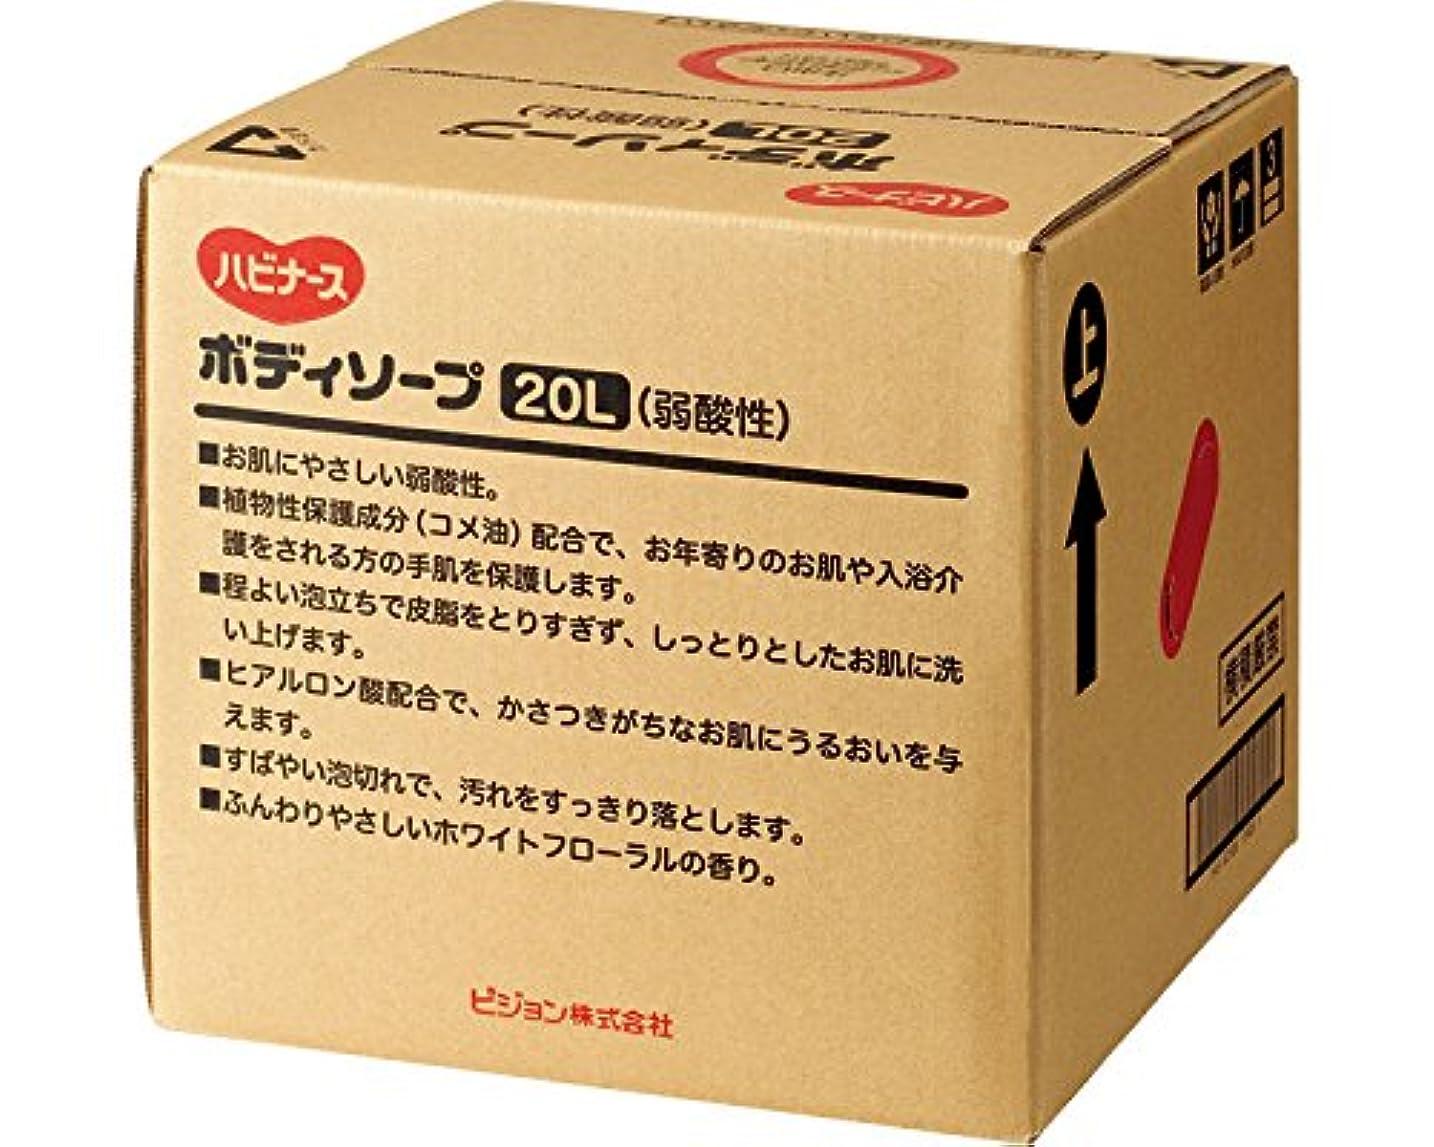 依存するオアシス技術的なハビナース ボディソープ(弱酸性) 20L 11344 (ピジョン) (清拭小物)